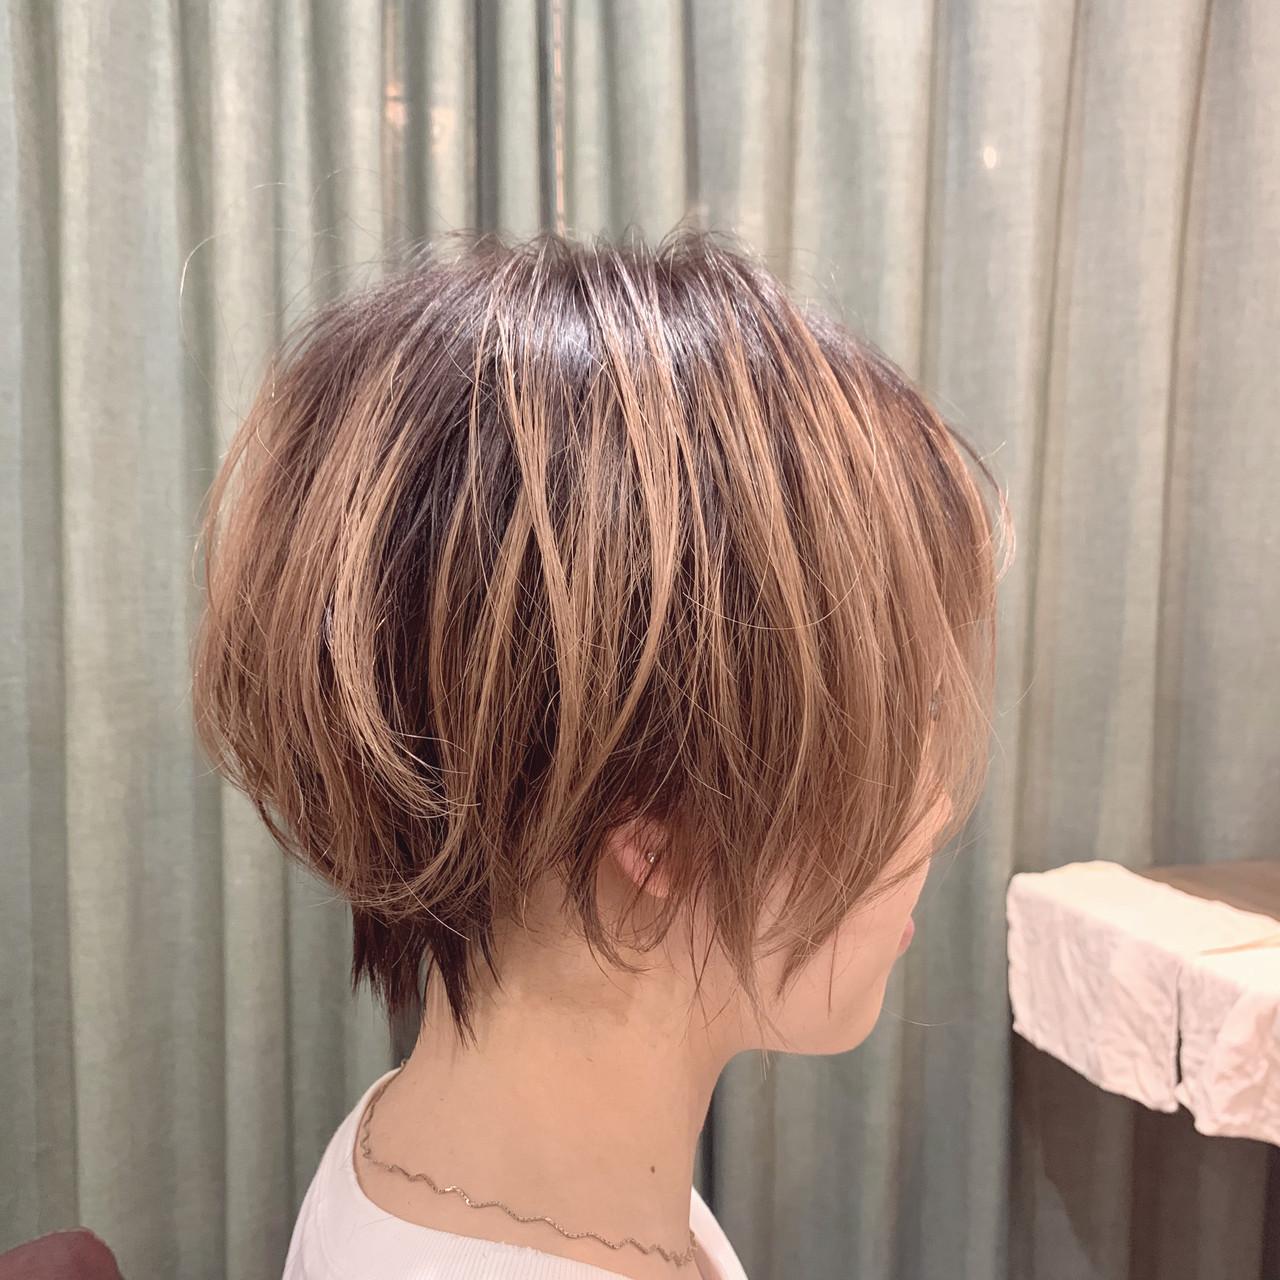 ショートヘア ミニボブ ショートボブ ショートヘアスタイルや髪型の写真・画像